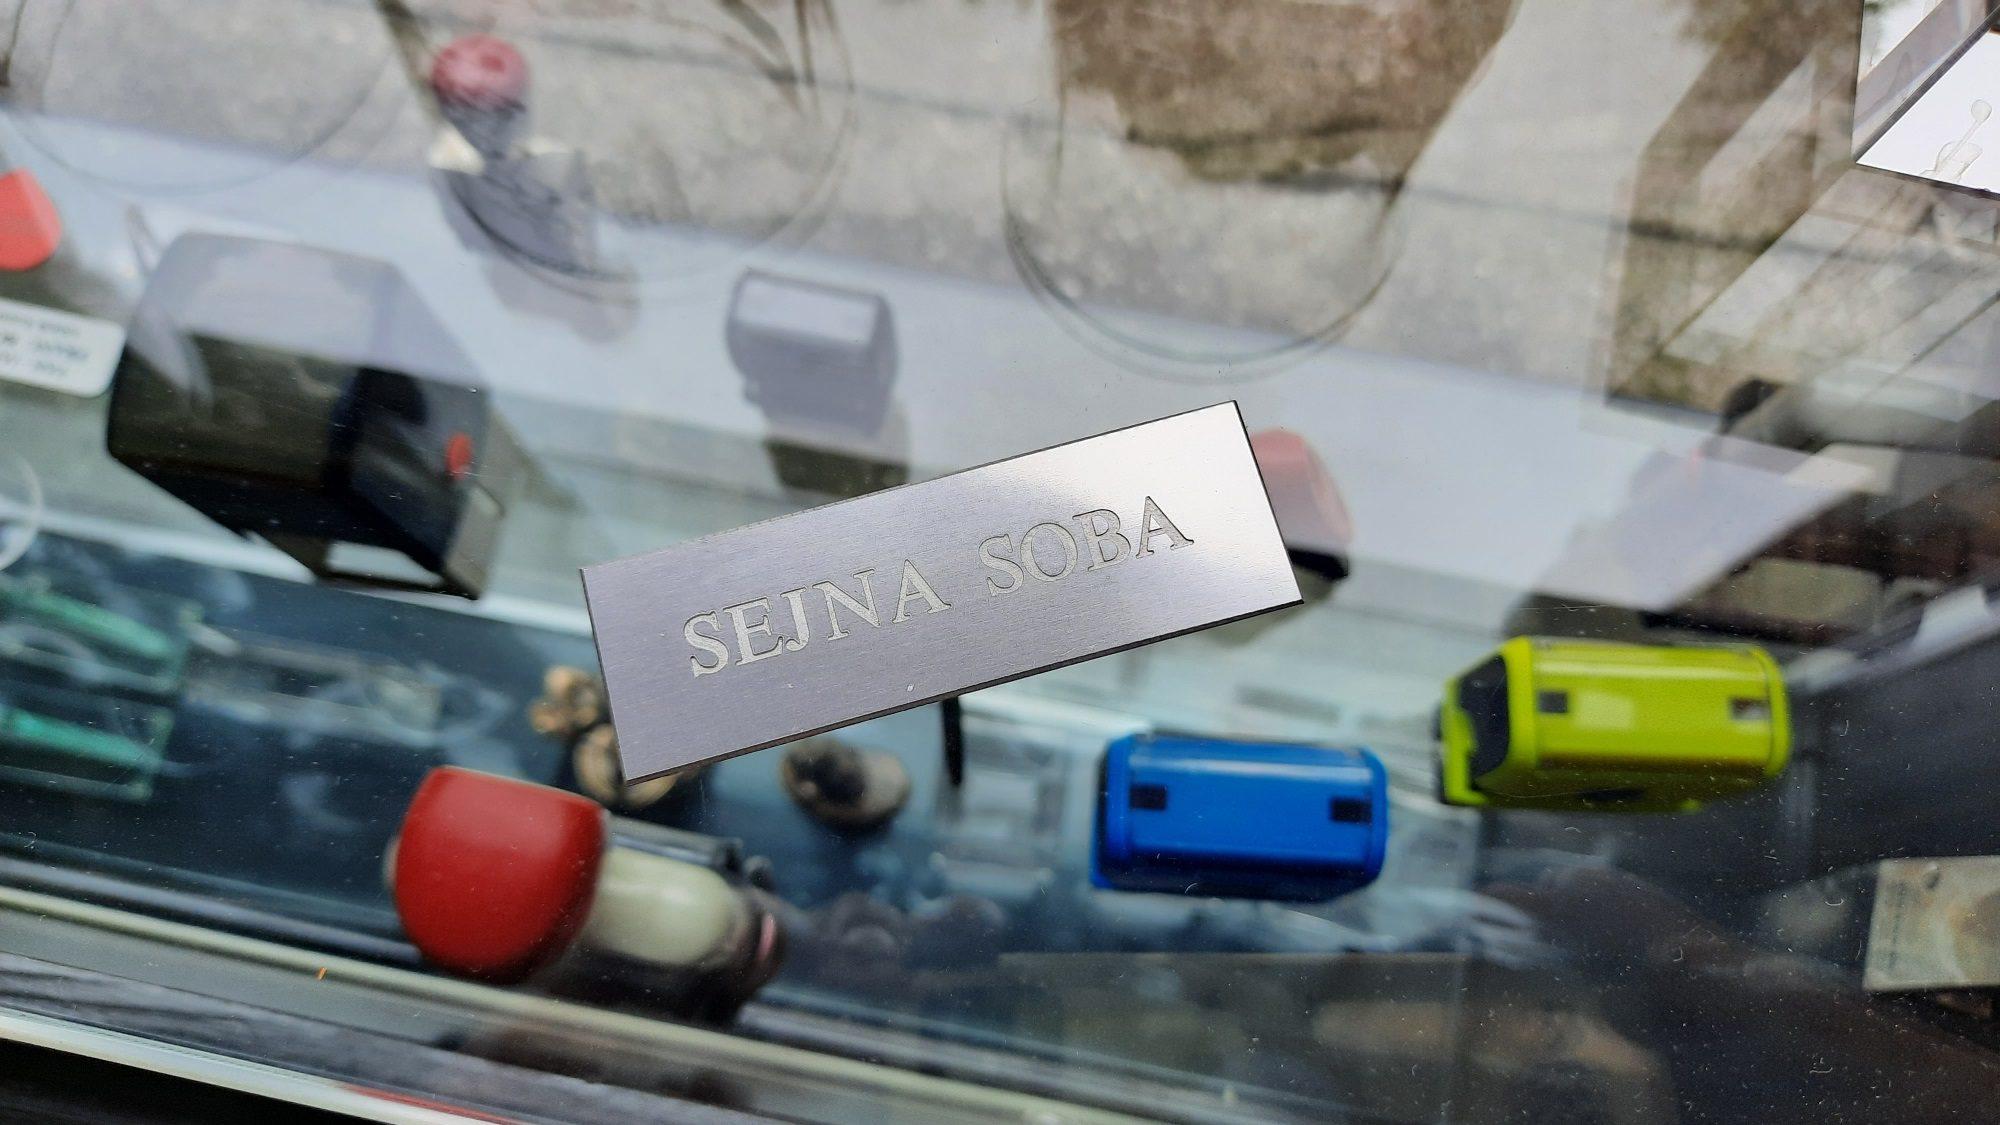 Aluminij tablica z graviranim napisom